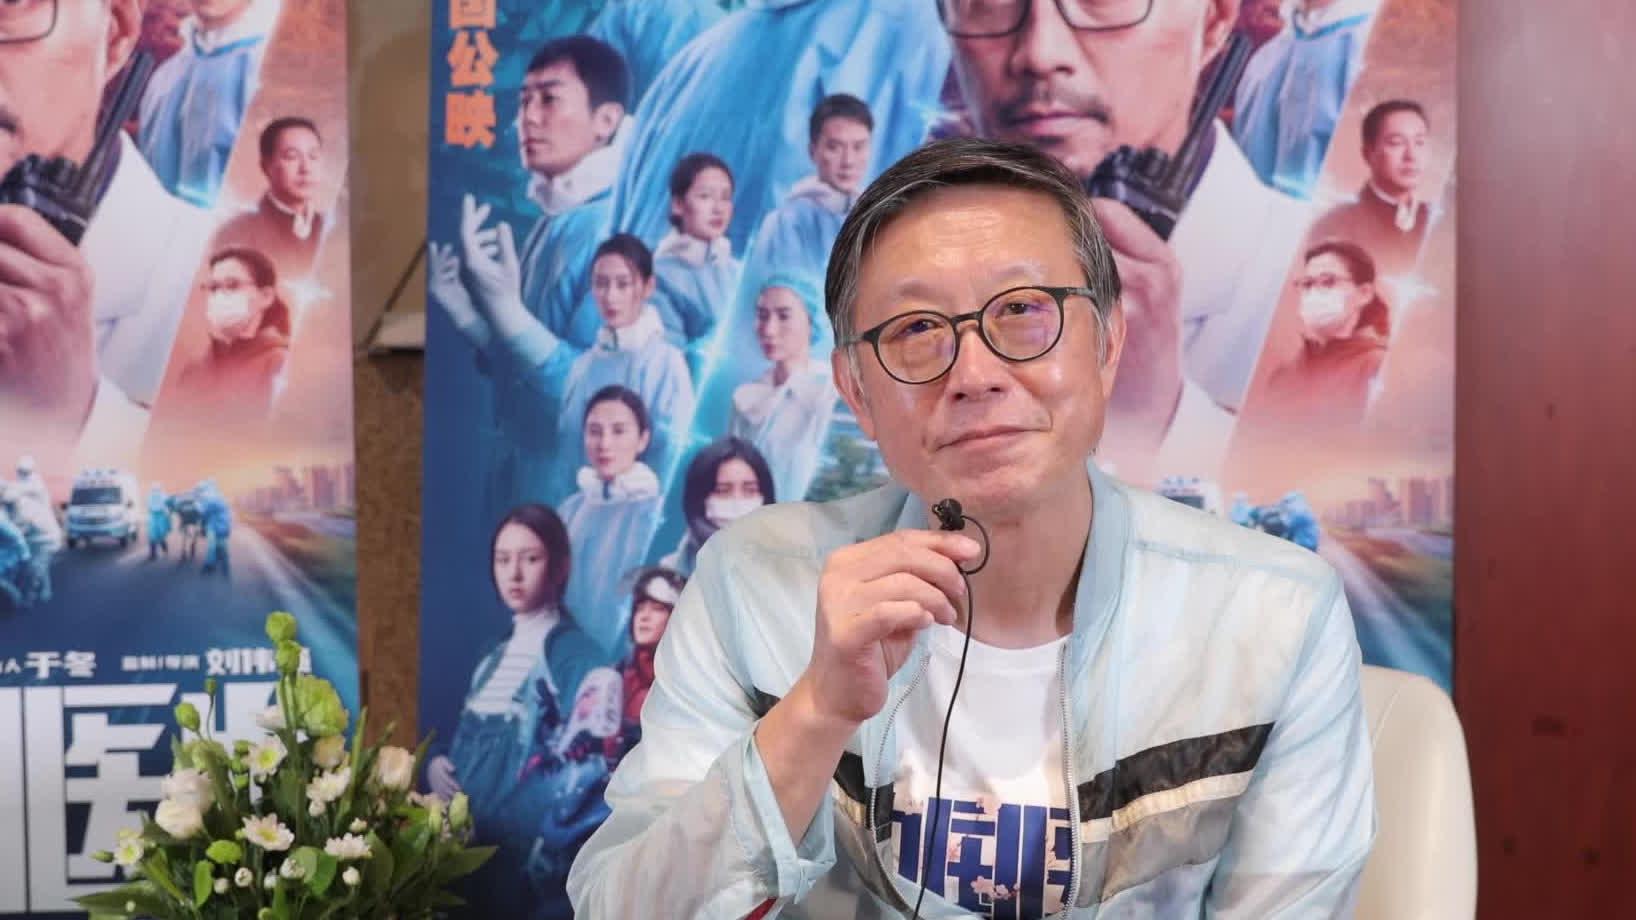 【中國醫生】導演寄語觀眾走進IMAX致敬抗疫英雄